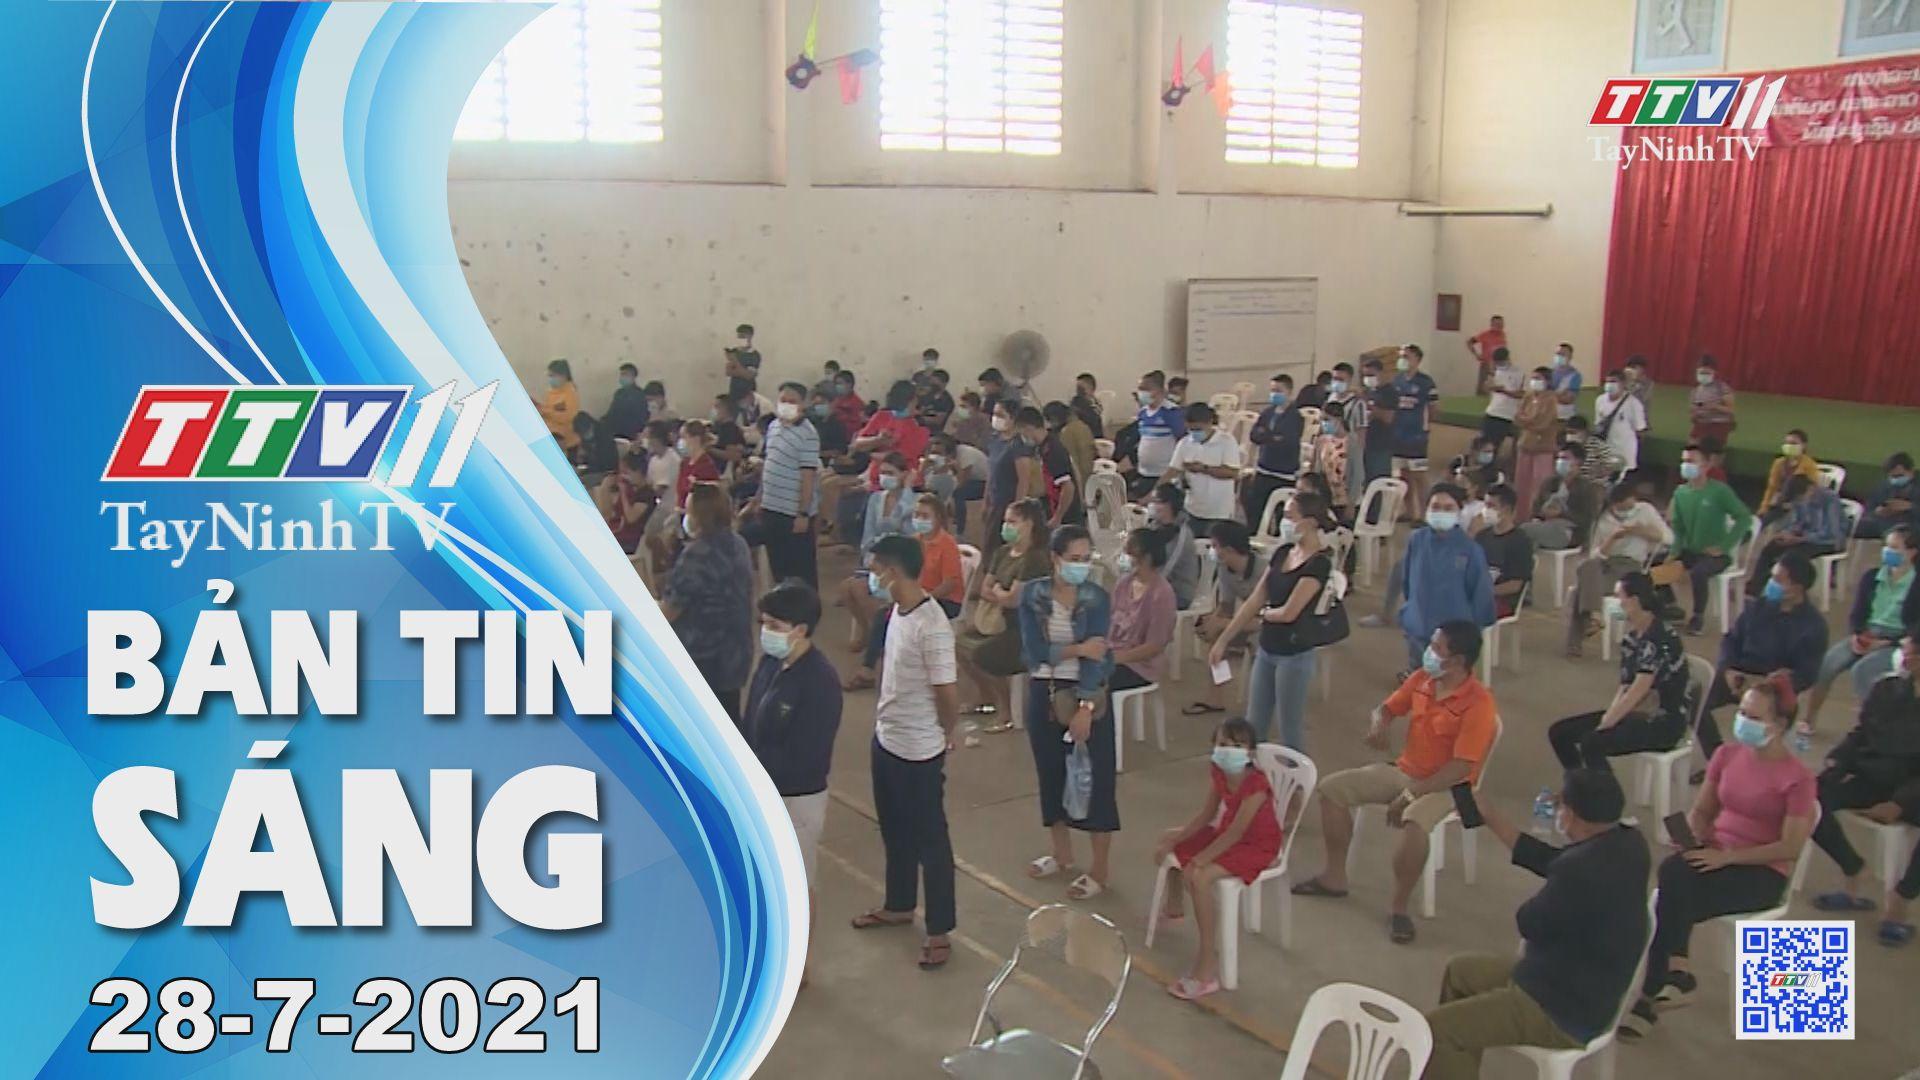 Bản tin sáng 28-7-2021 | Tin tức hôm nay | TayNinhTV